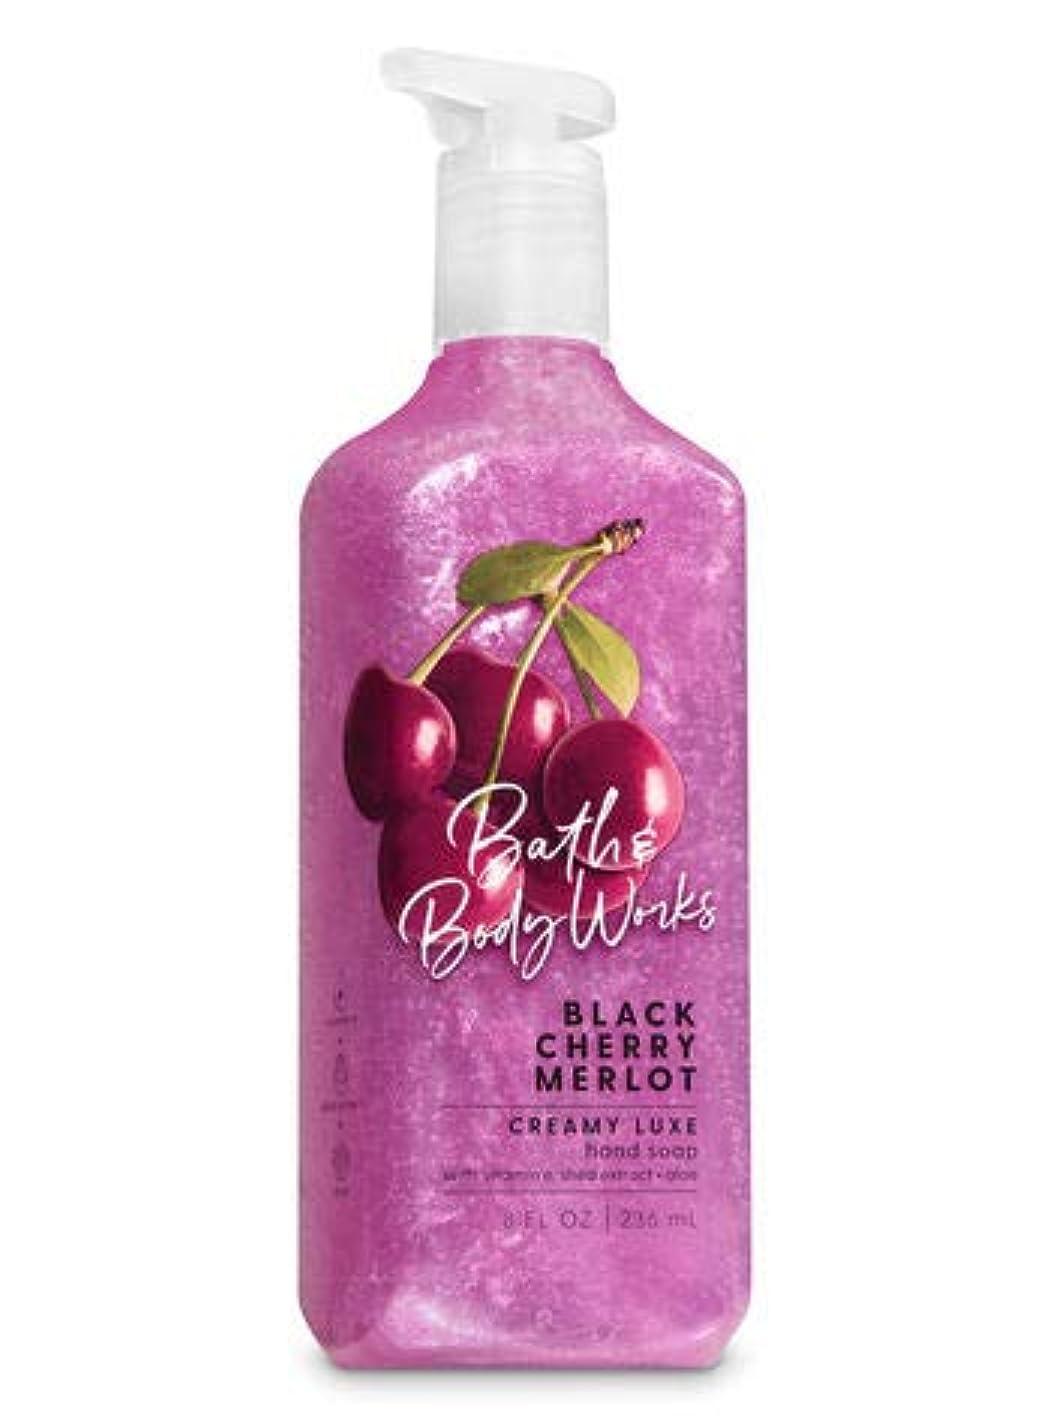 忠実な過半数画面バス&ボディワークス ブラックチェリー マーロット クリーミーハンドソープ Black Cherry Merlot Creamy Luxe Hand Soap With Vitamine E Shea Extract +...